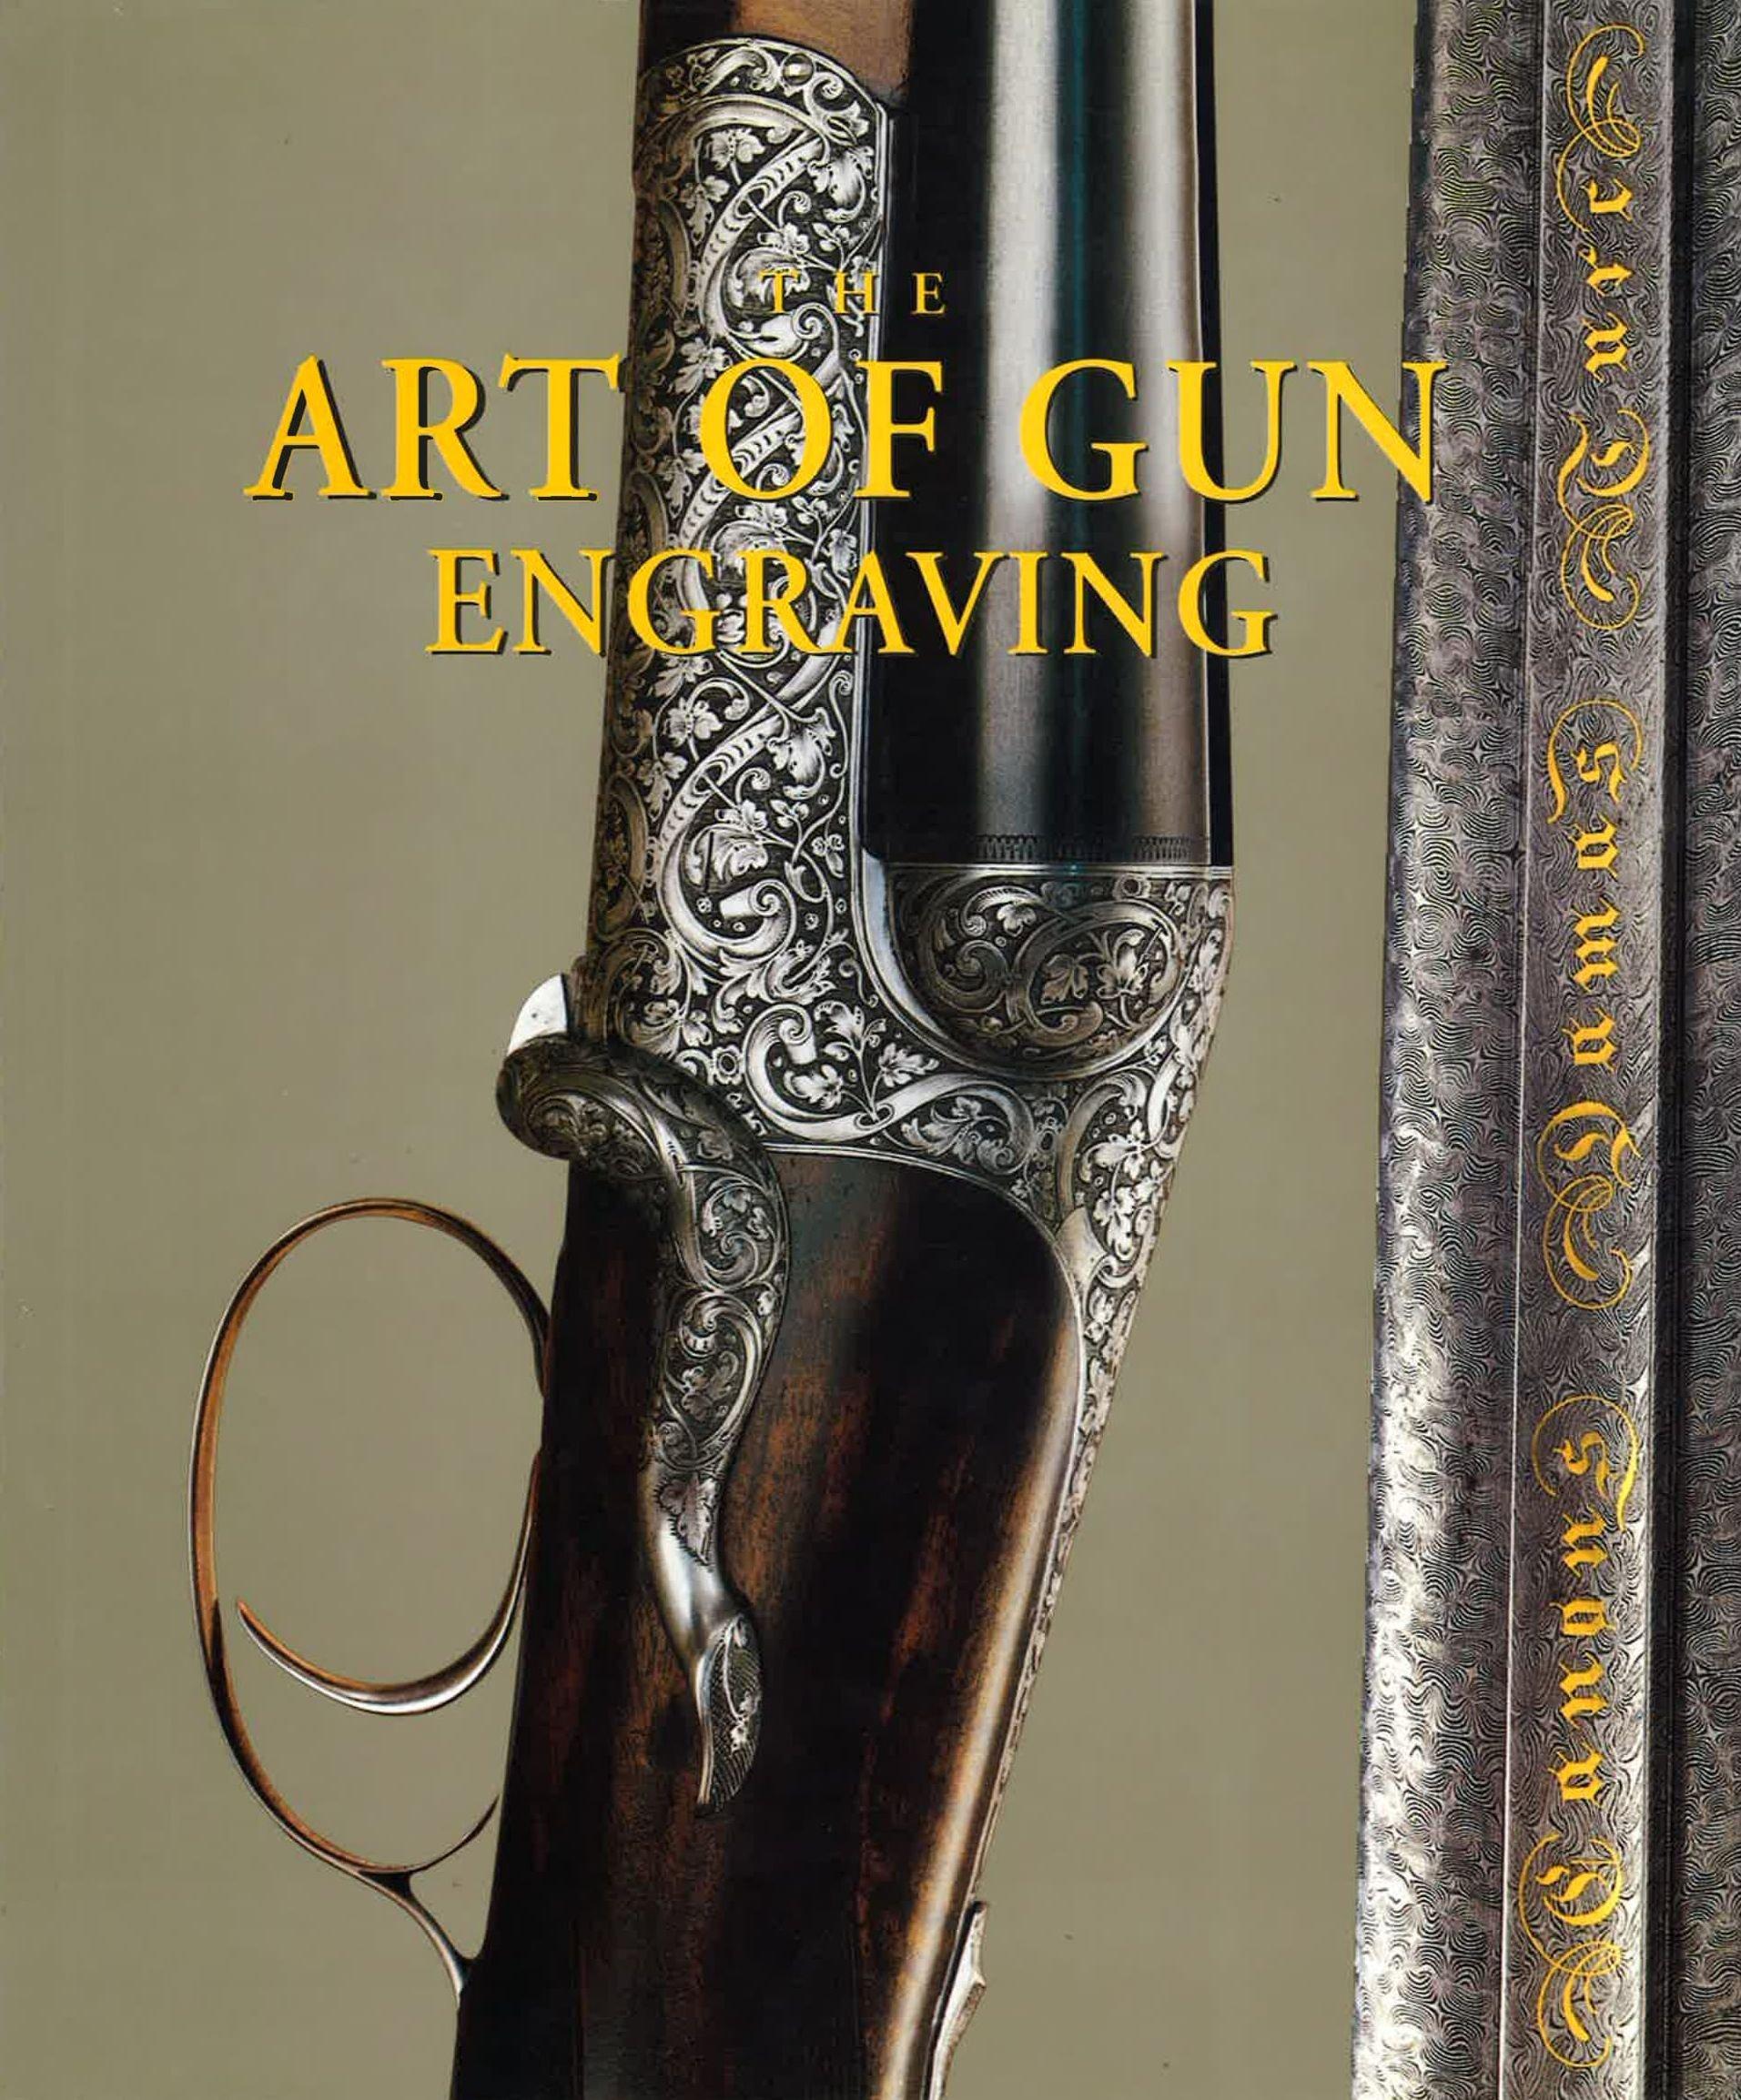 The Art of Gun Engraving